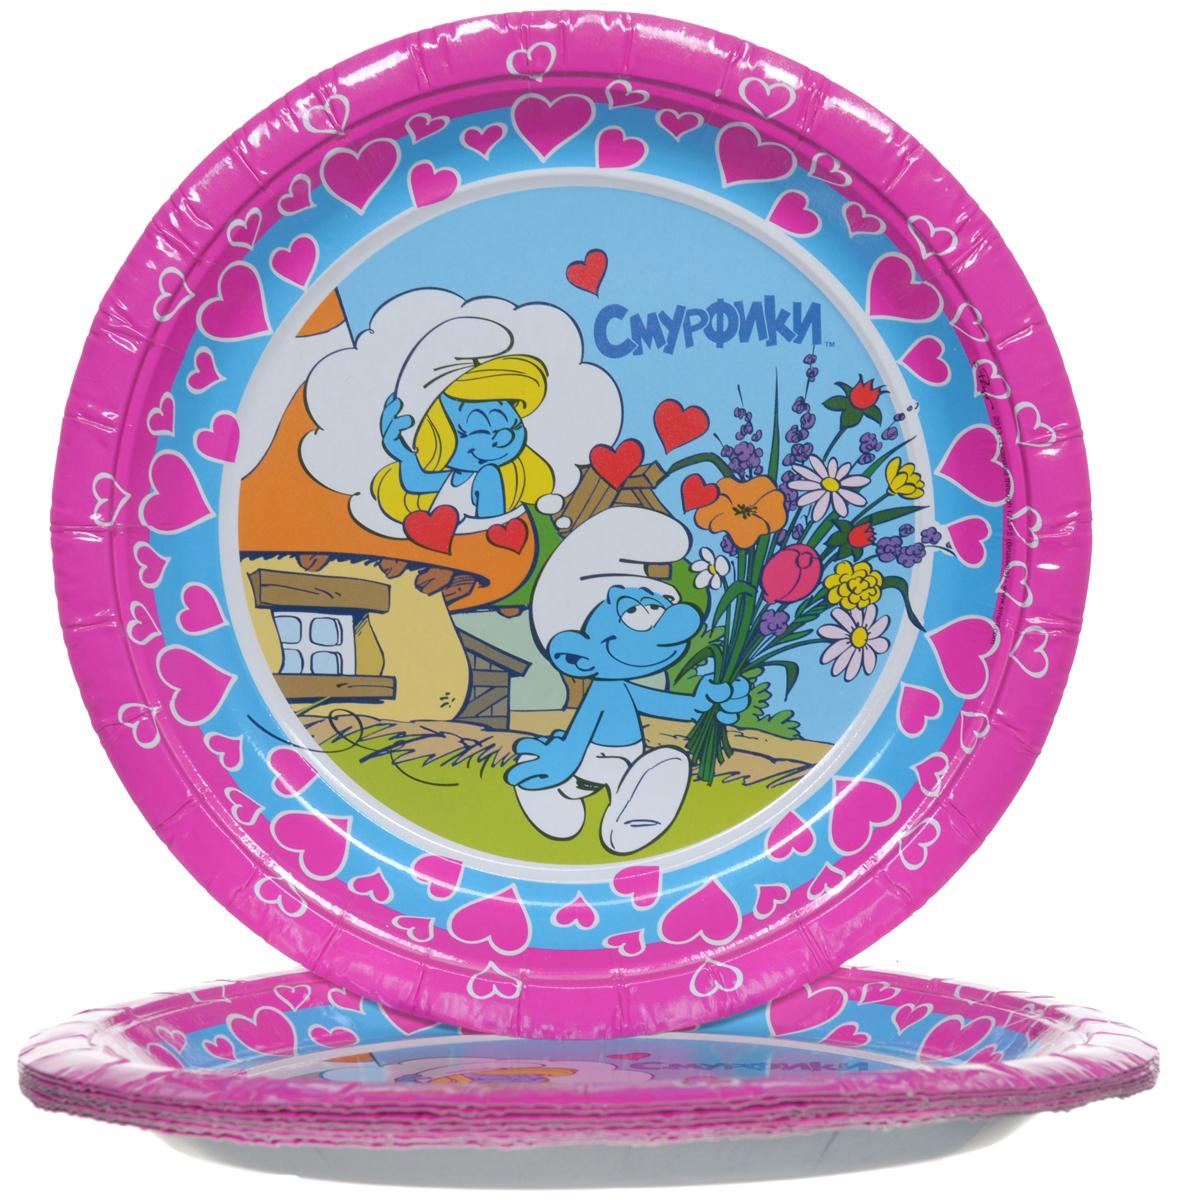 Смурфики Набор одноразовых тарелок цвет розовый 10 шт 21236 -  Сервировка праздничного стола